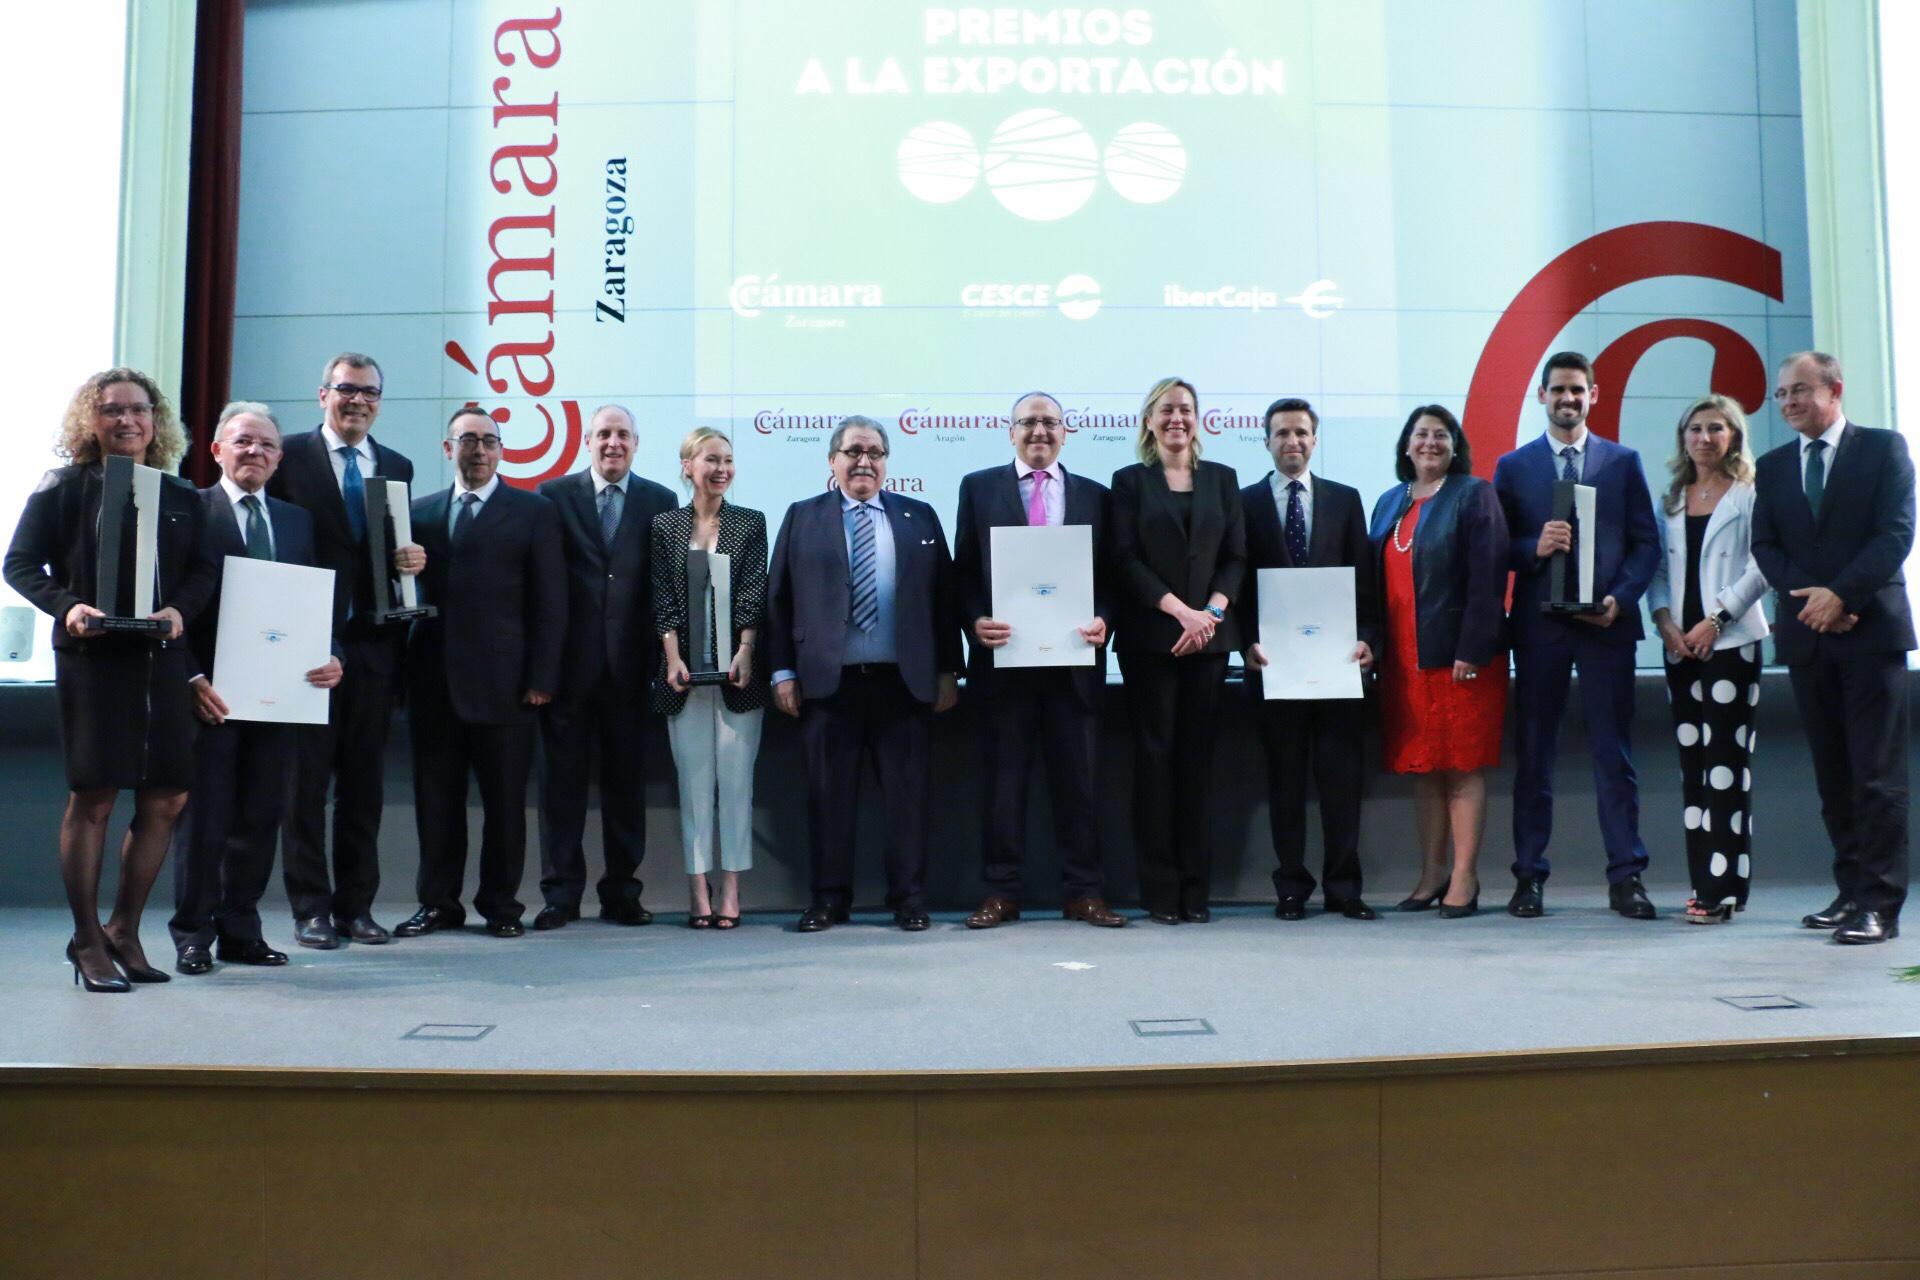 Los premios a la exportaci n celebran el xito en - Empresas de reformas en zaragoza ...